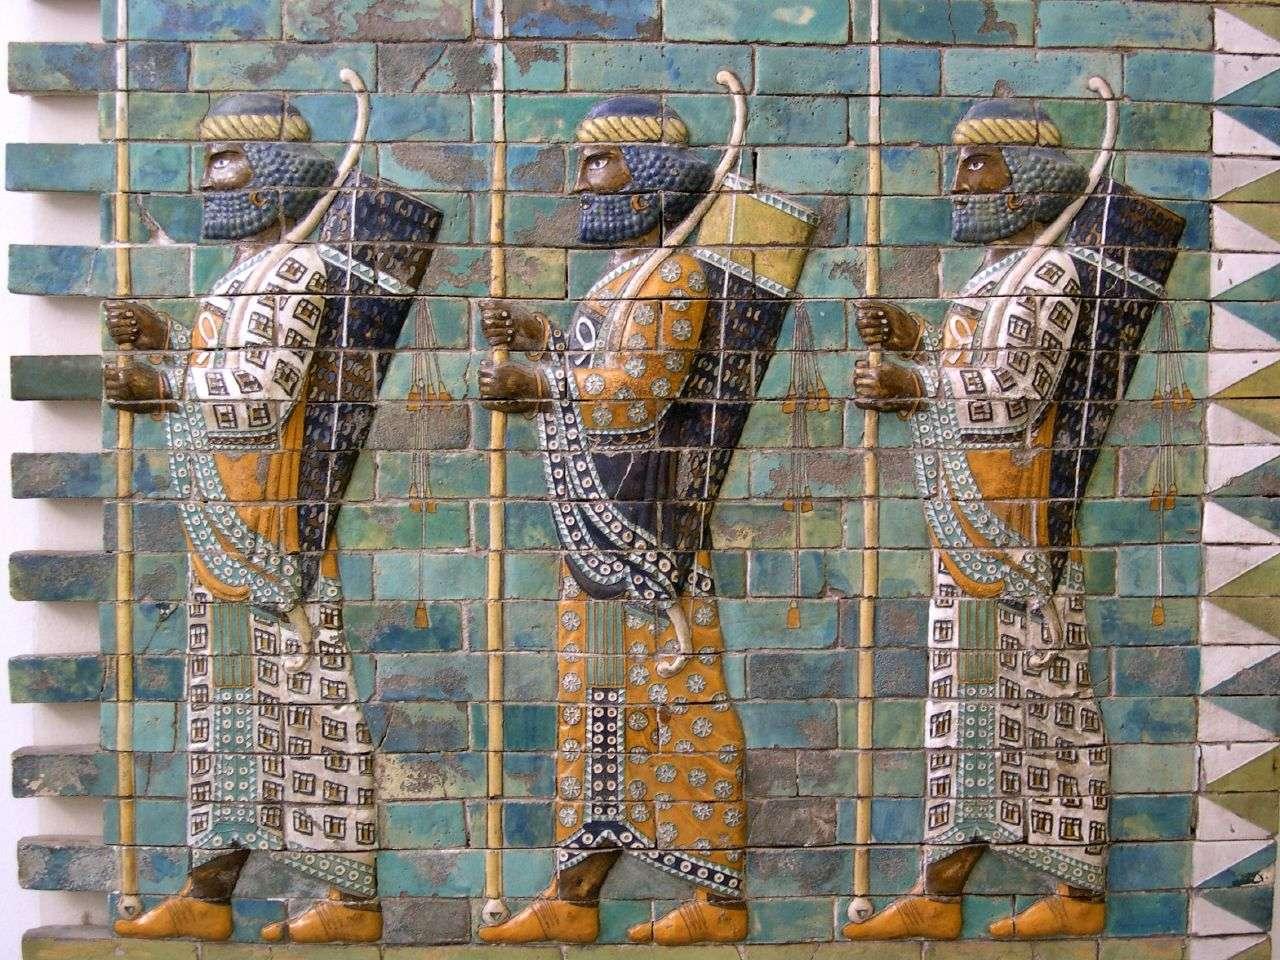 Πέρσες τοξότες. Παράσταση στο παλάτι του Δαρείου, στα Σούσα. Persian Archers at Darius' palace at Susa. Exhibited in Pergamon Museum / Vorderasiatisches Museum in Berlin.